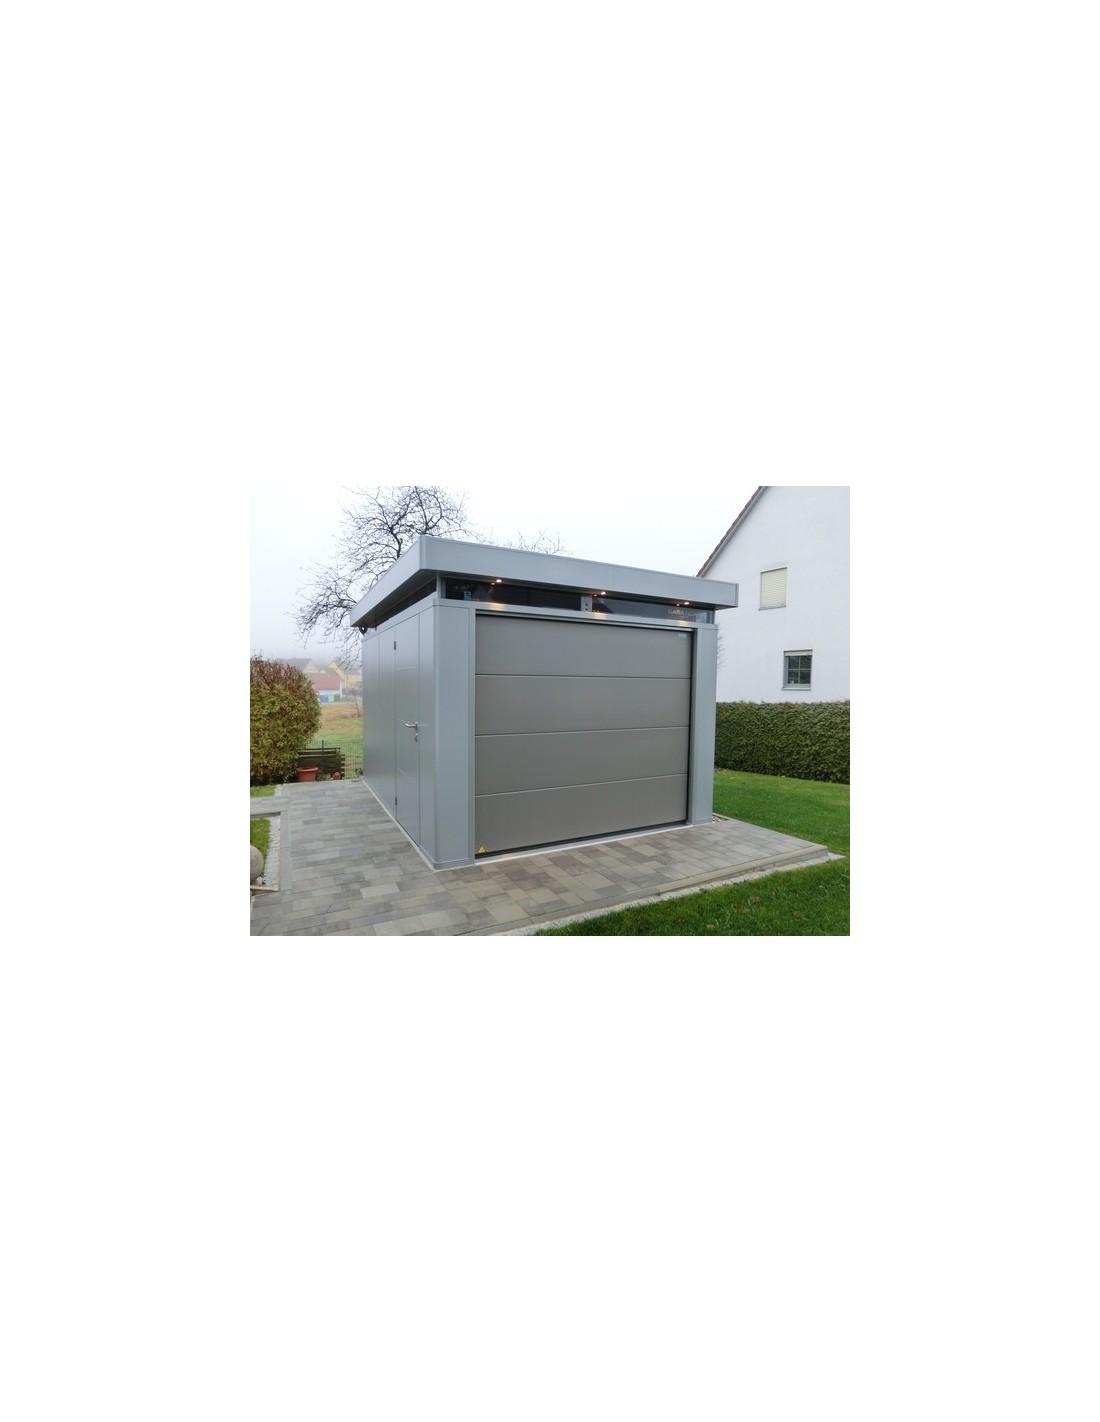 Porte sectionnelle pour abri de jardin ou garage casa nova - Gouttiere pour abri de jardin ...